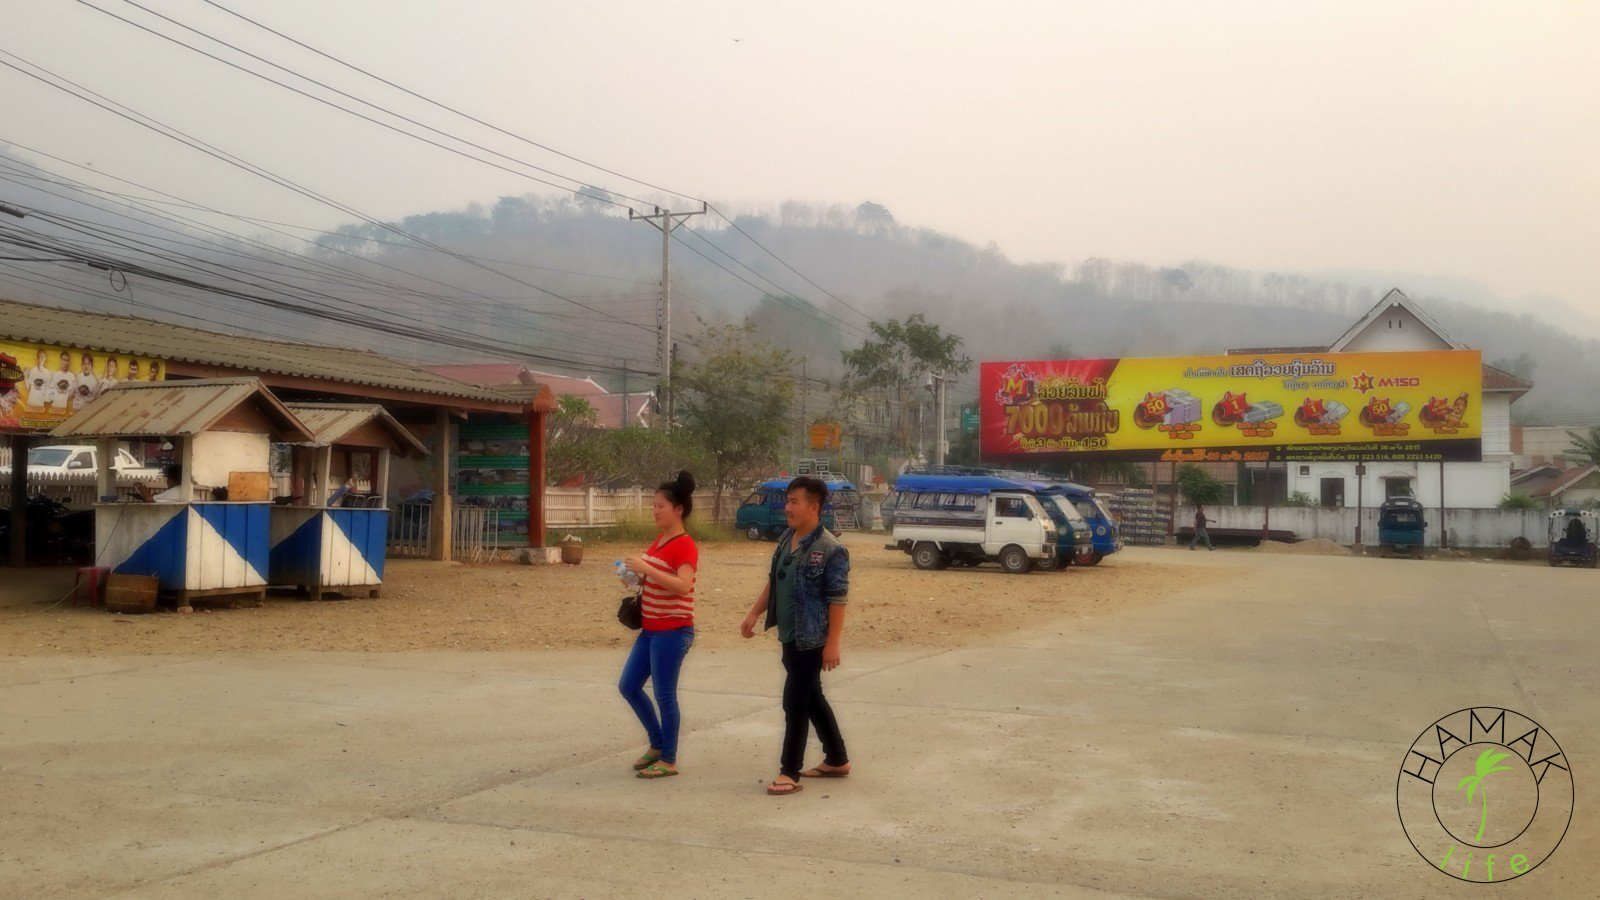 Luang Prabang, Laos 2015